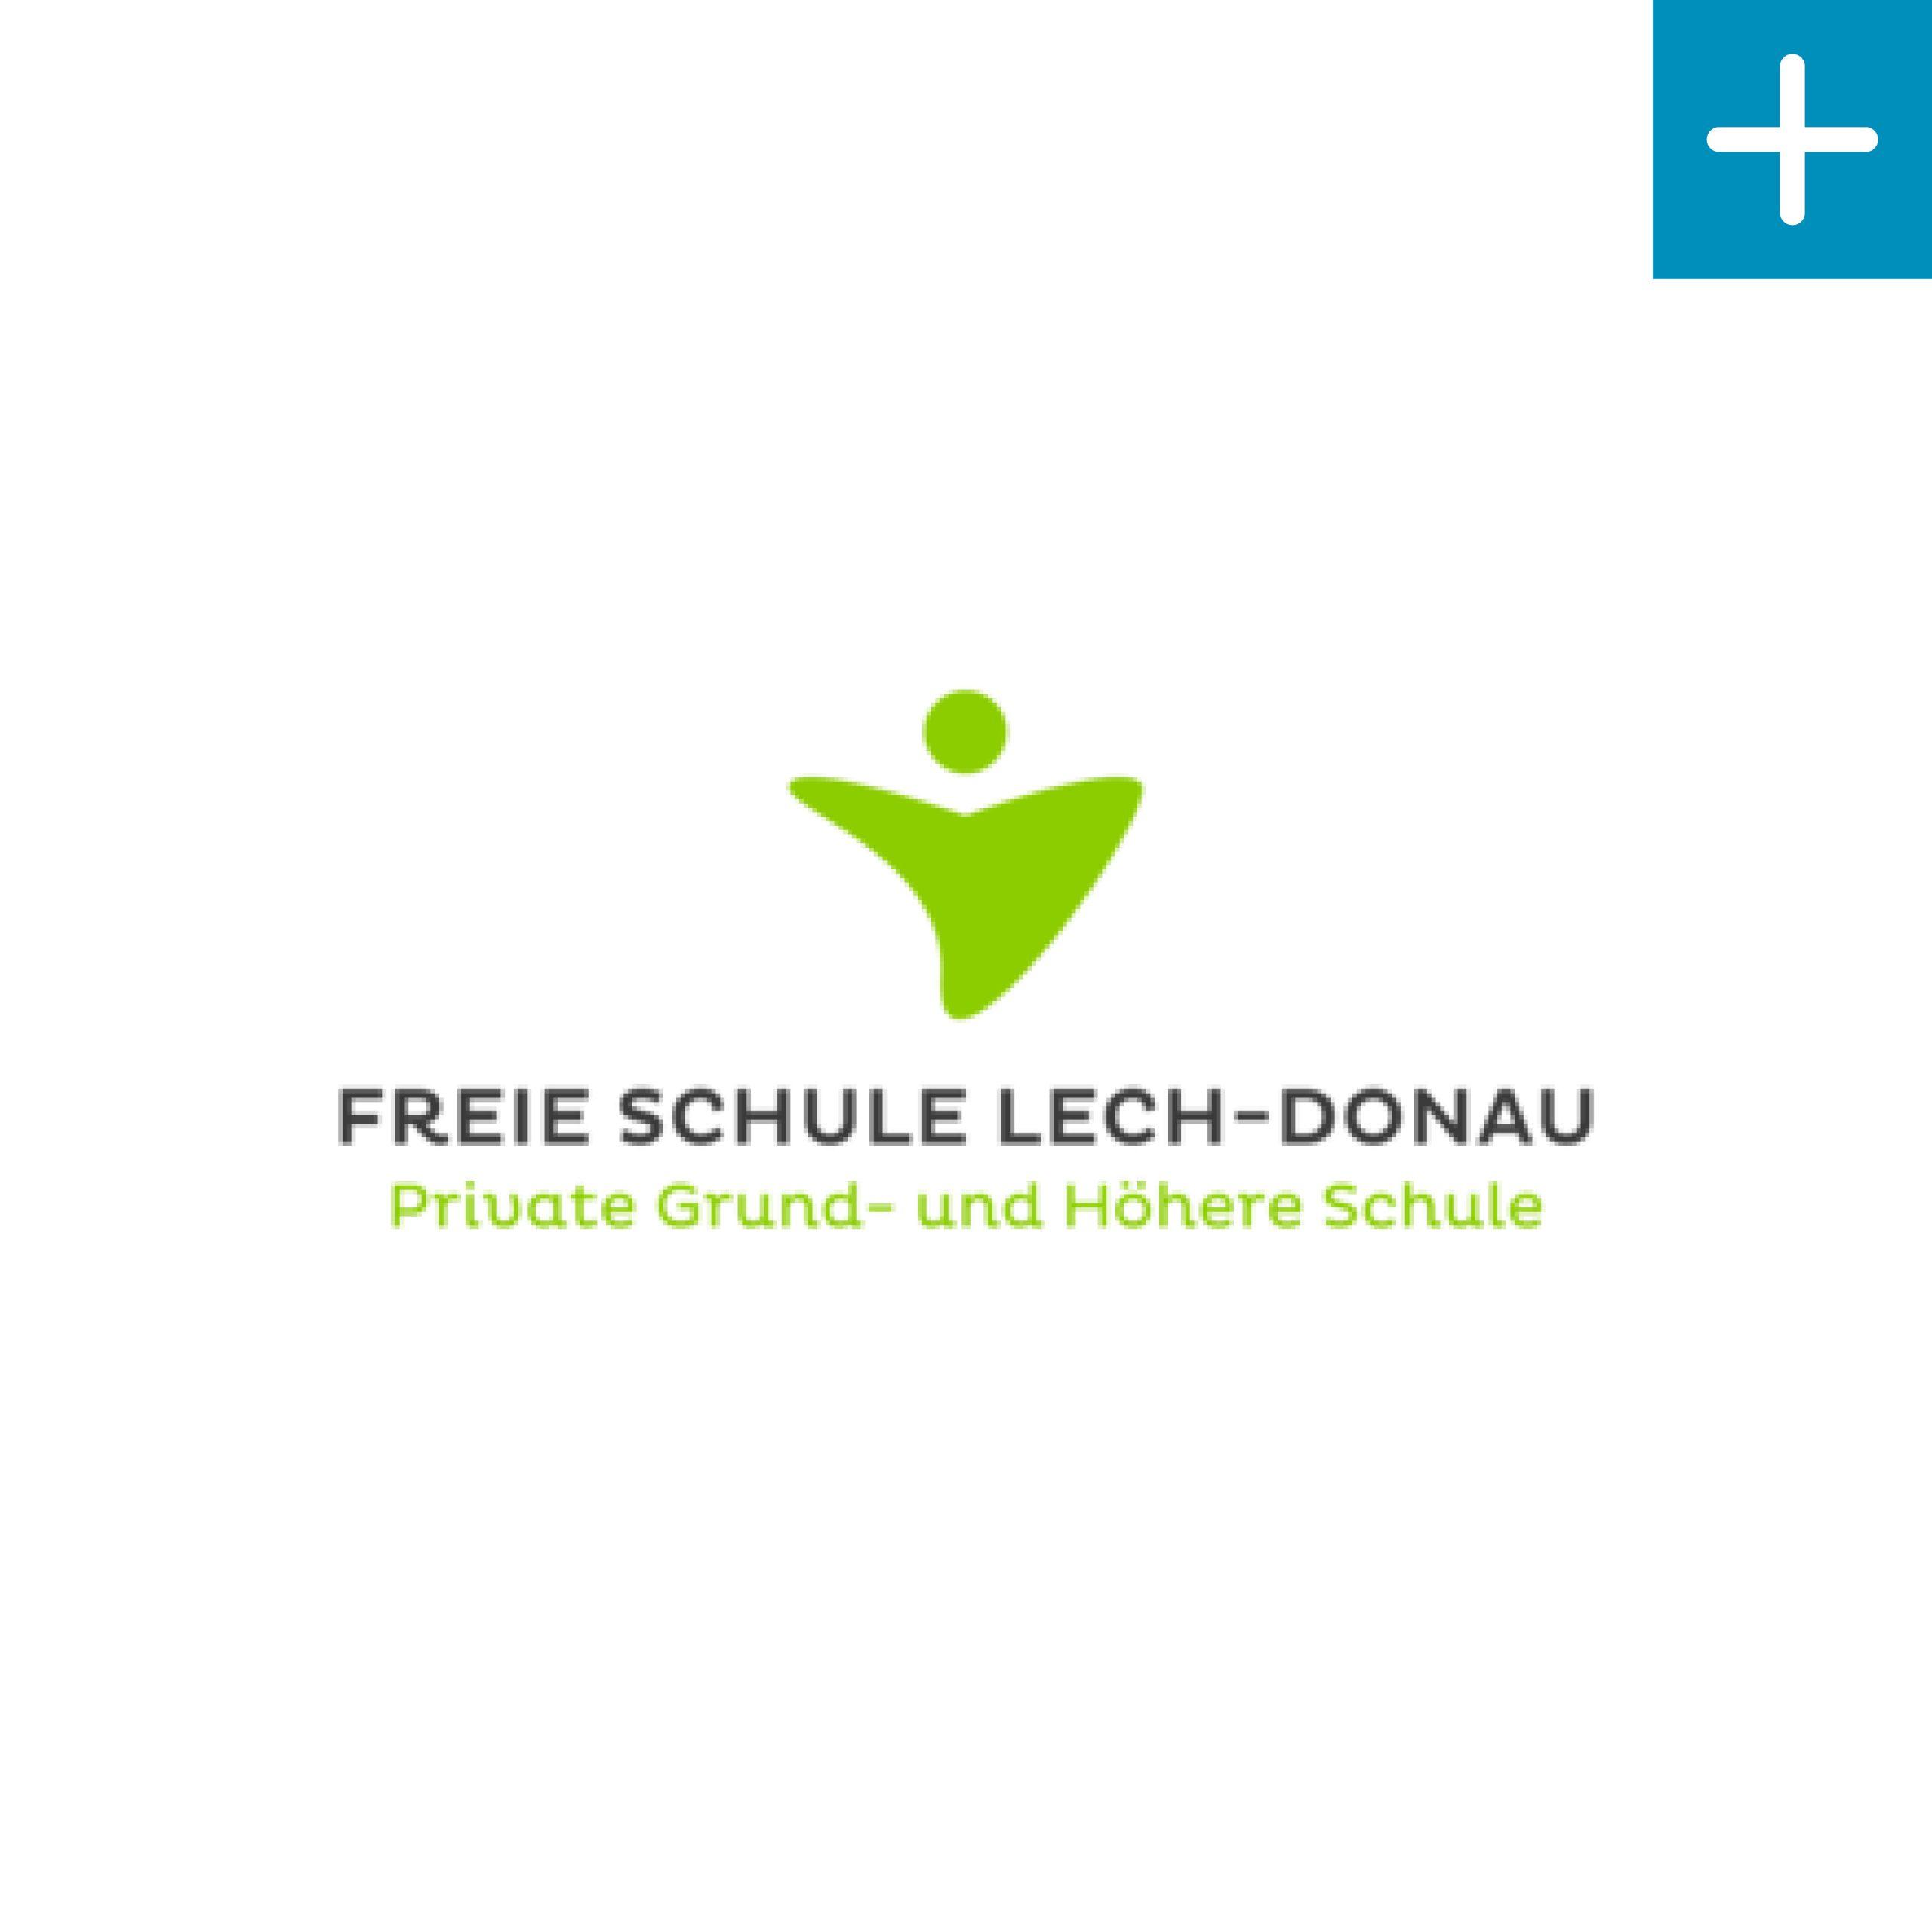 Freie Schule Lech-Donau